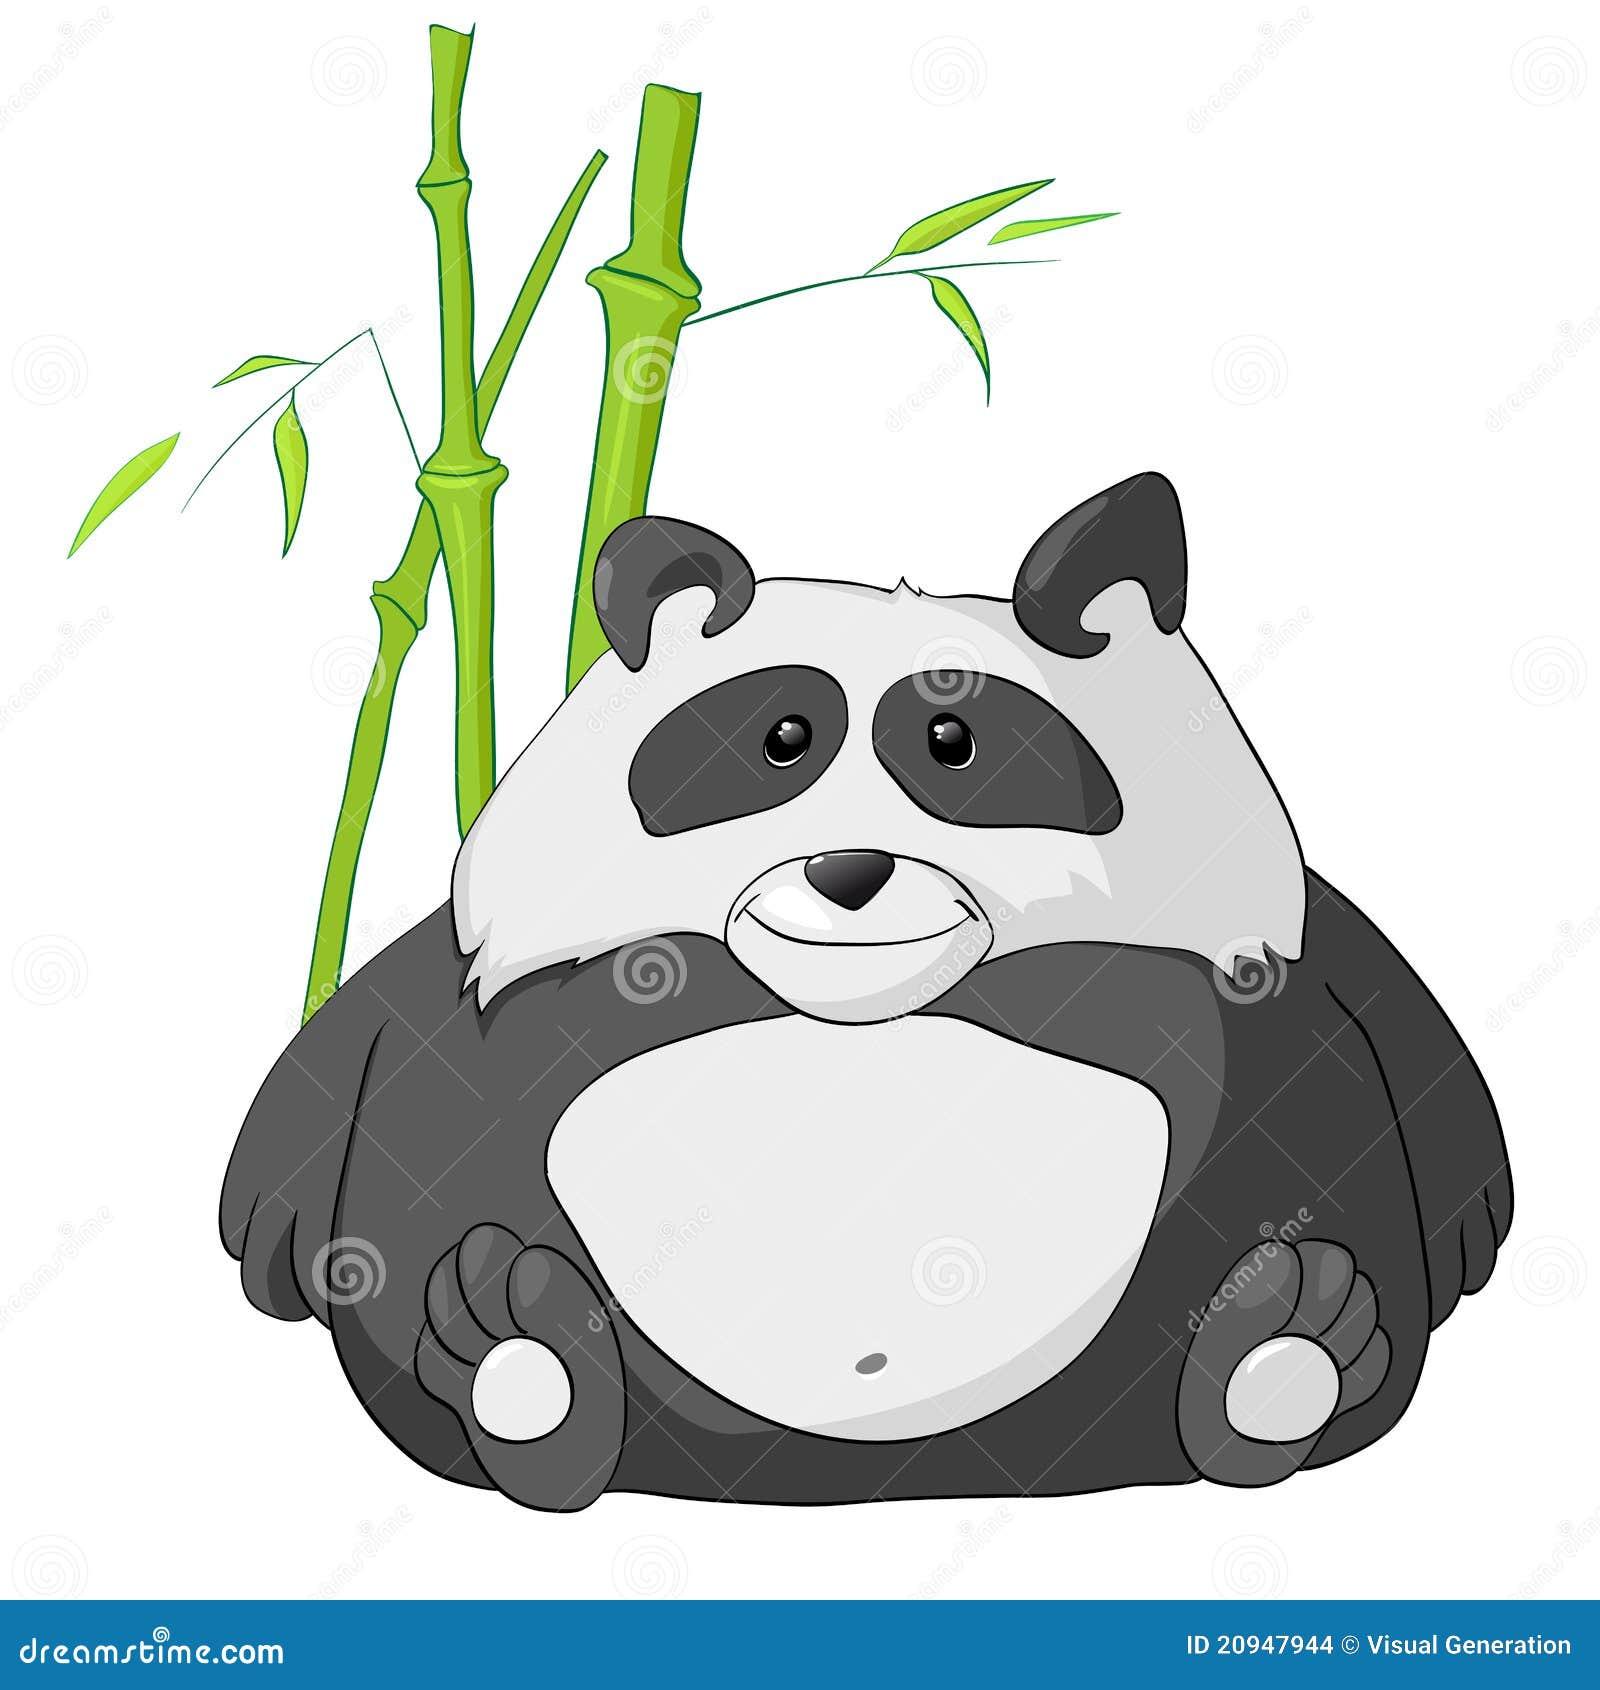 panda del personaje de dibujos animados ilustración del vector